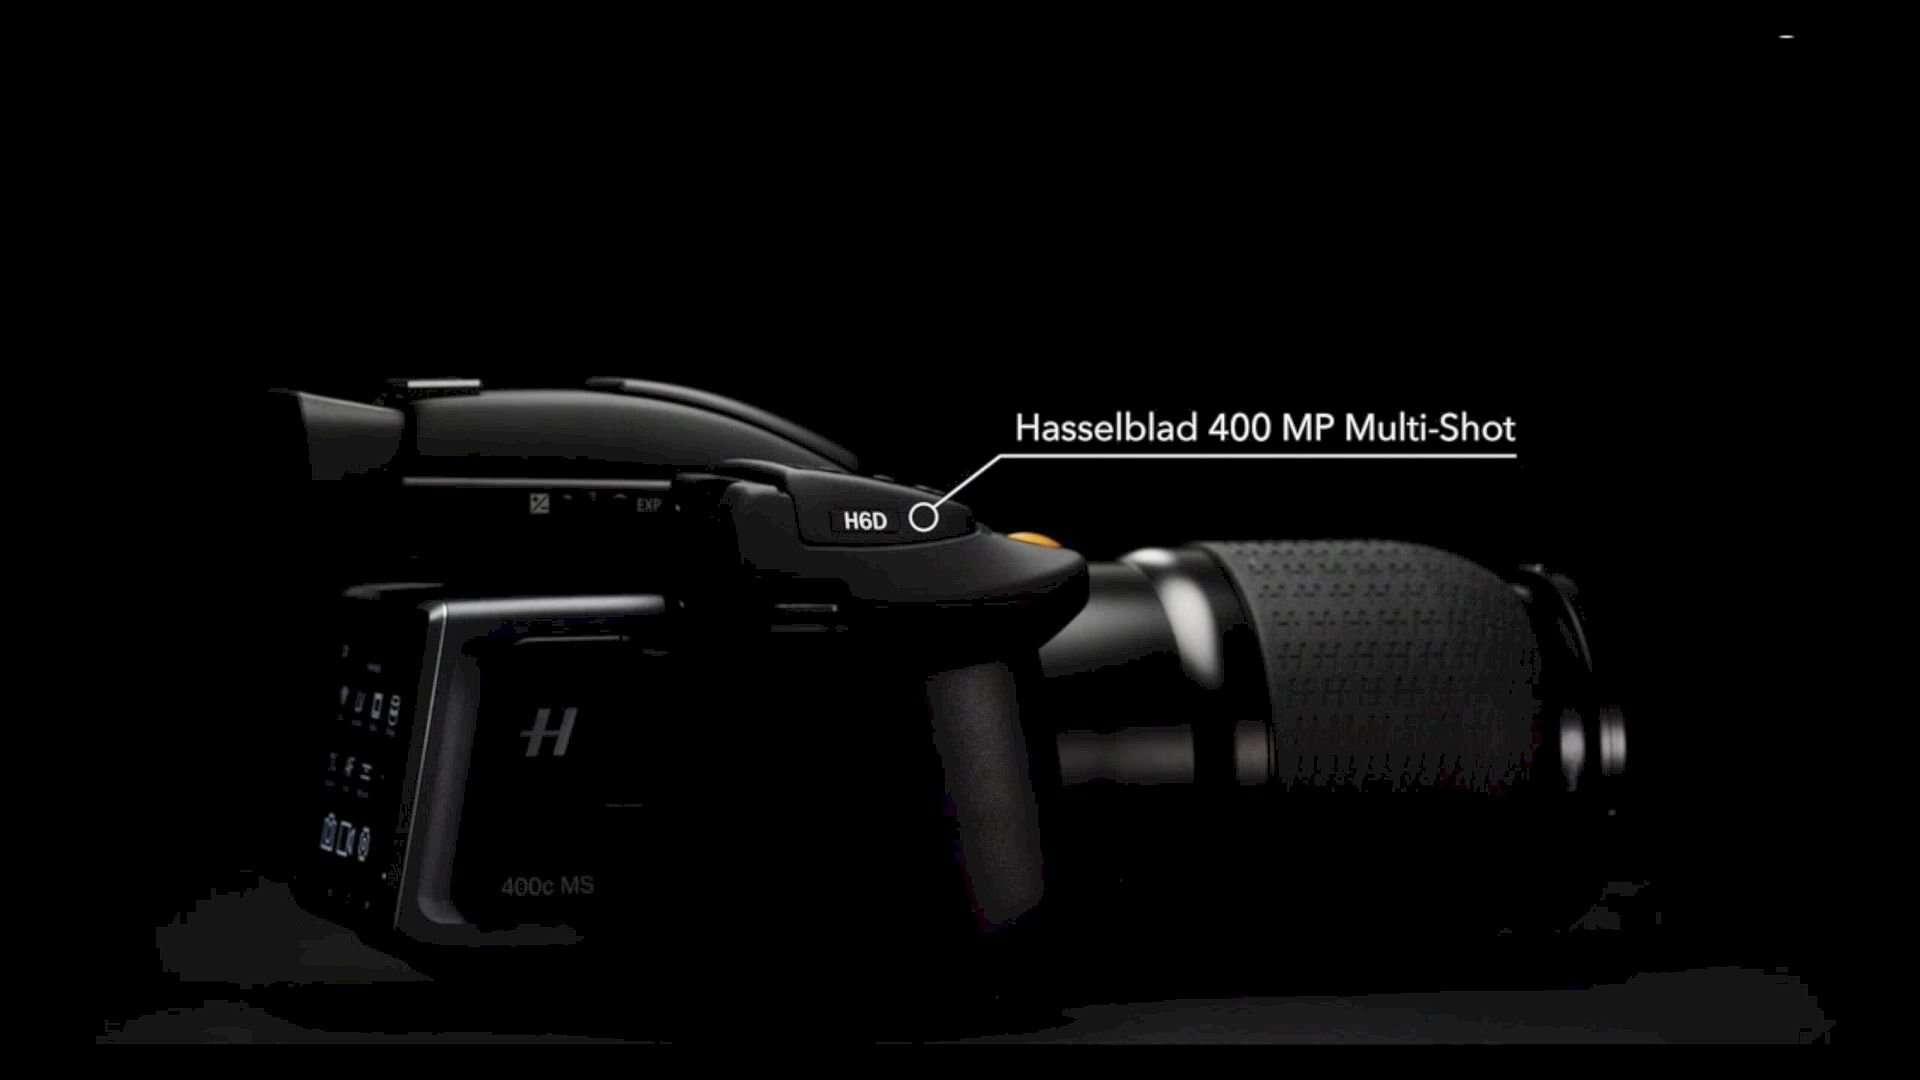 H6D 400C MS 4